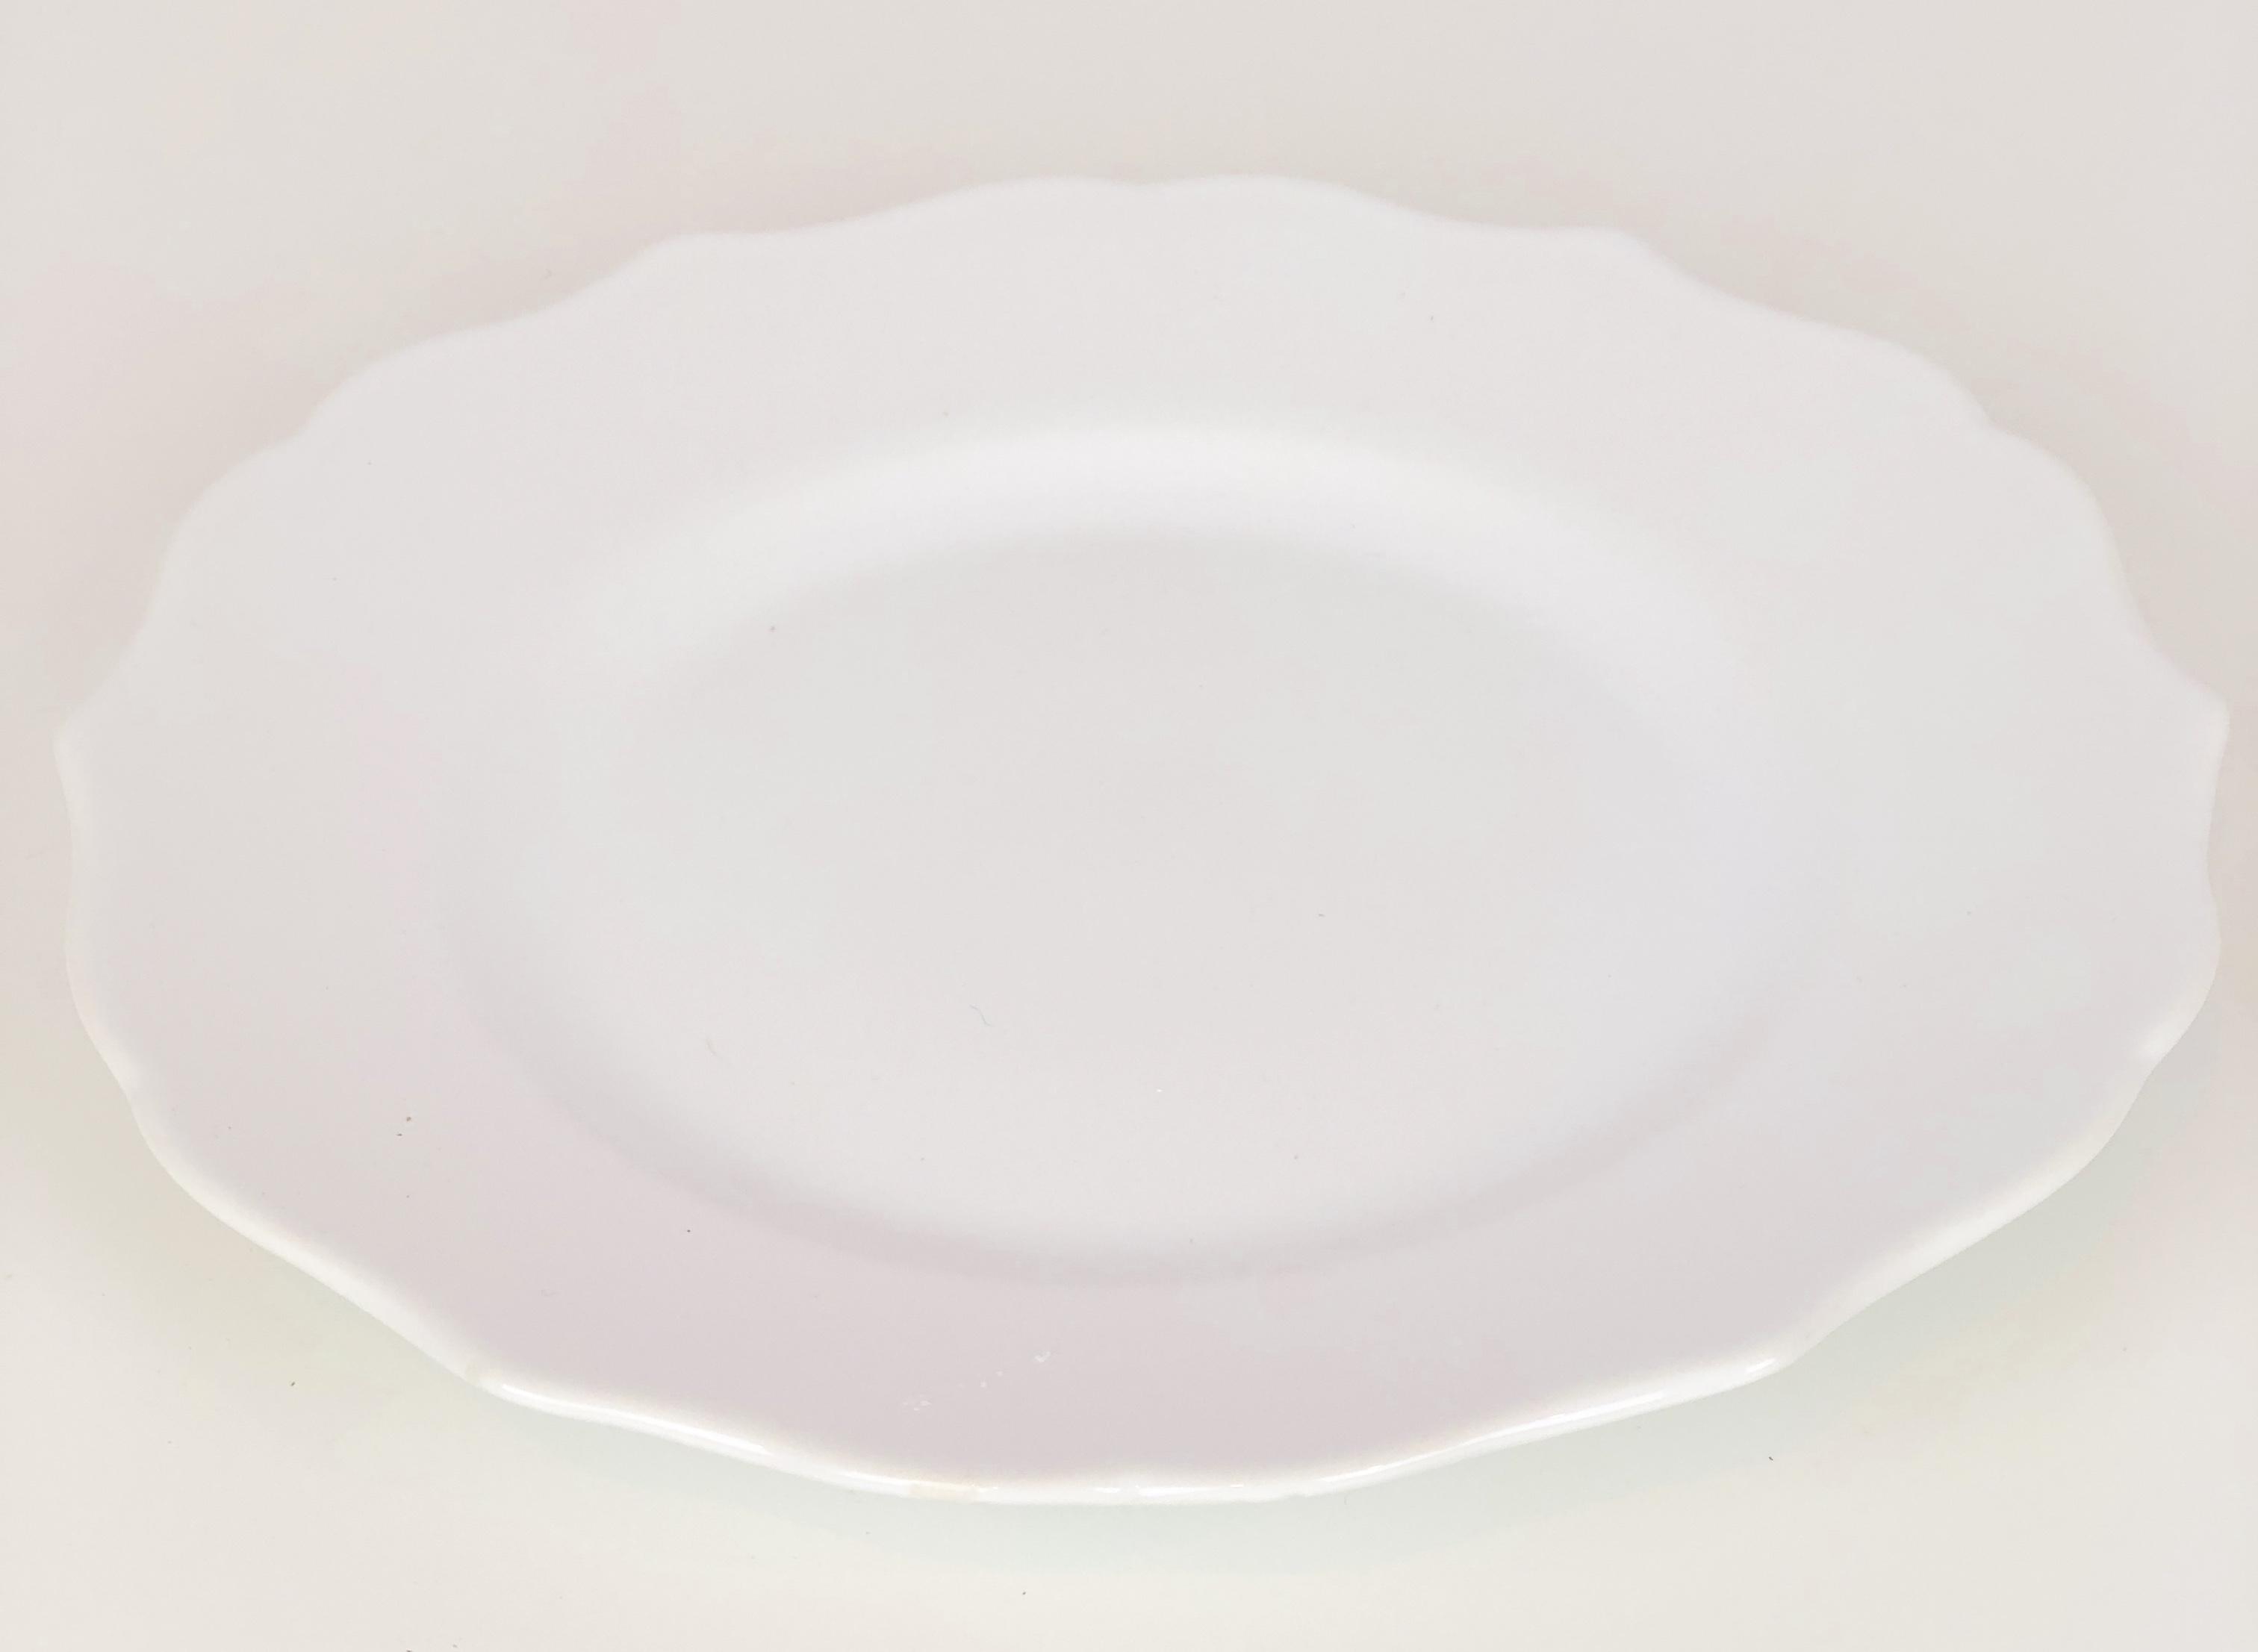 Scallop Plates